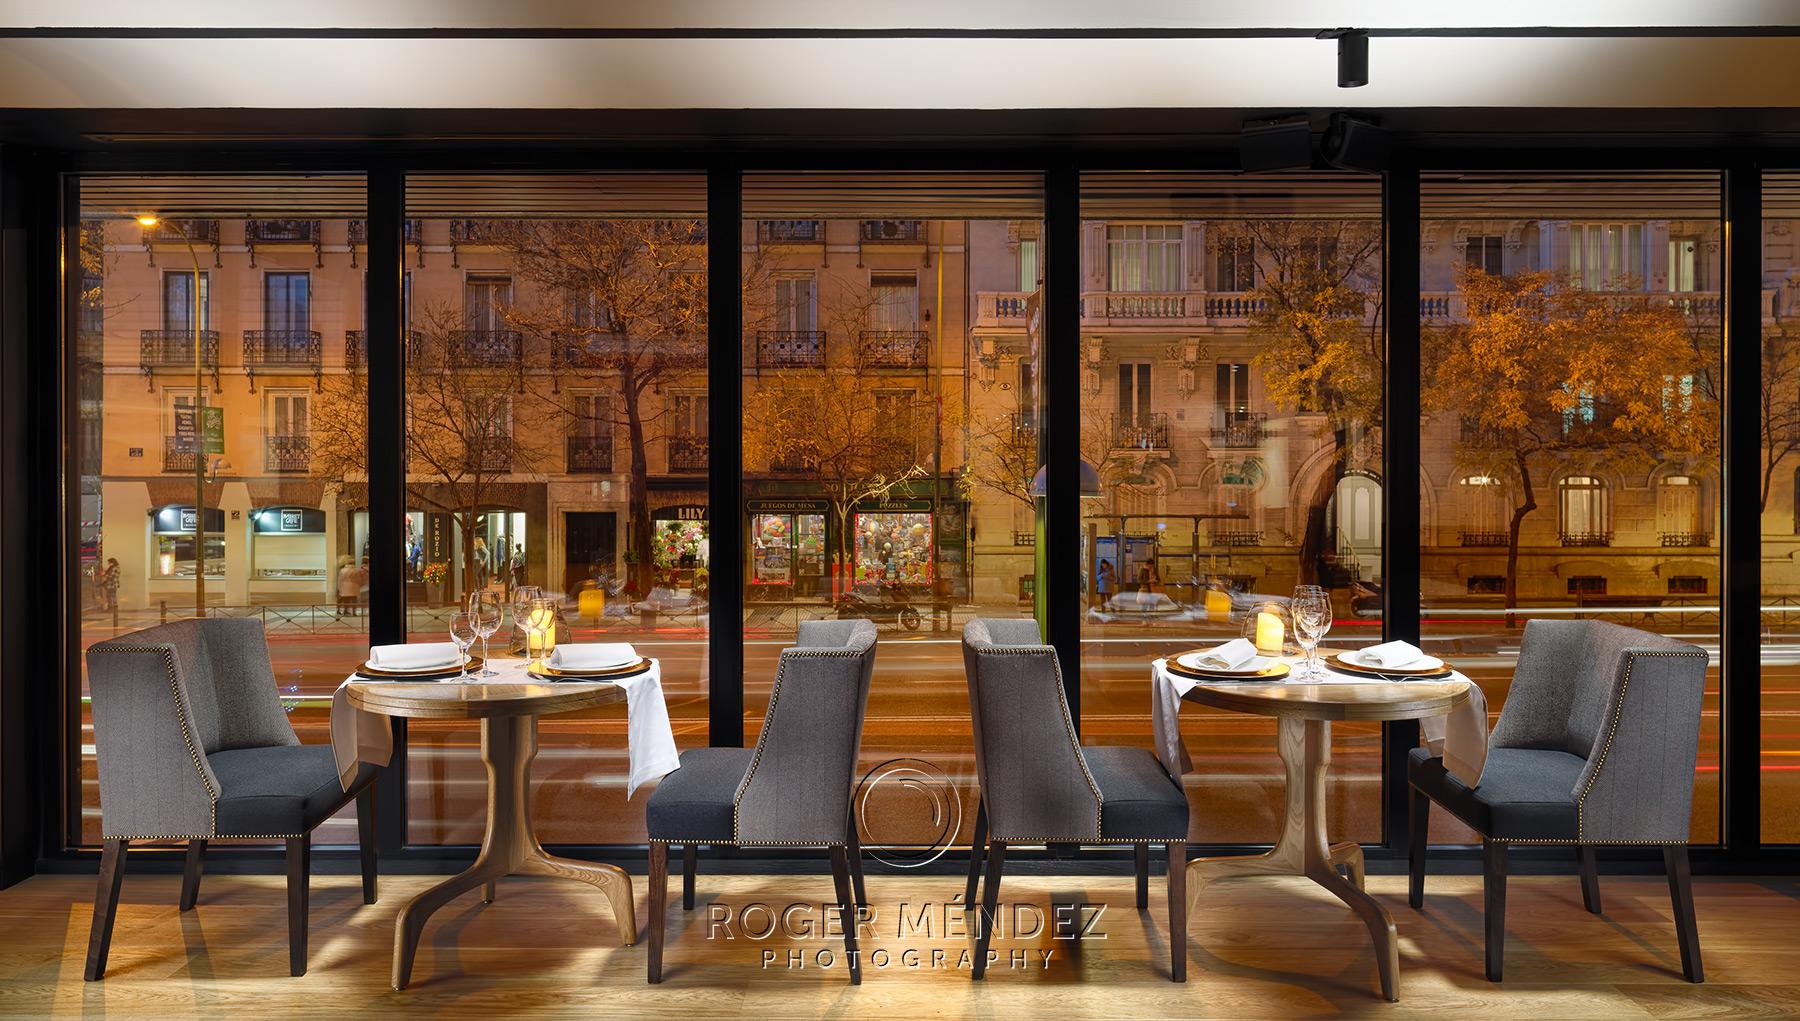 Fotografía de montaje cena en lobby bar